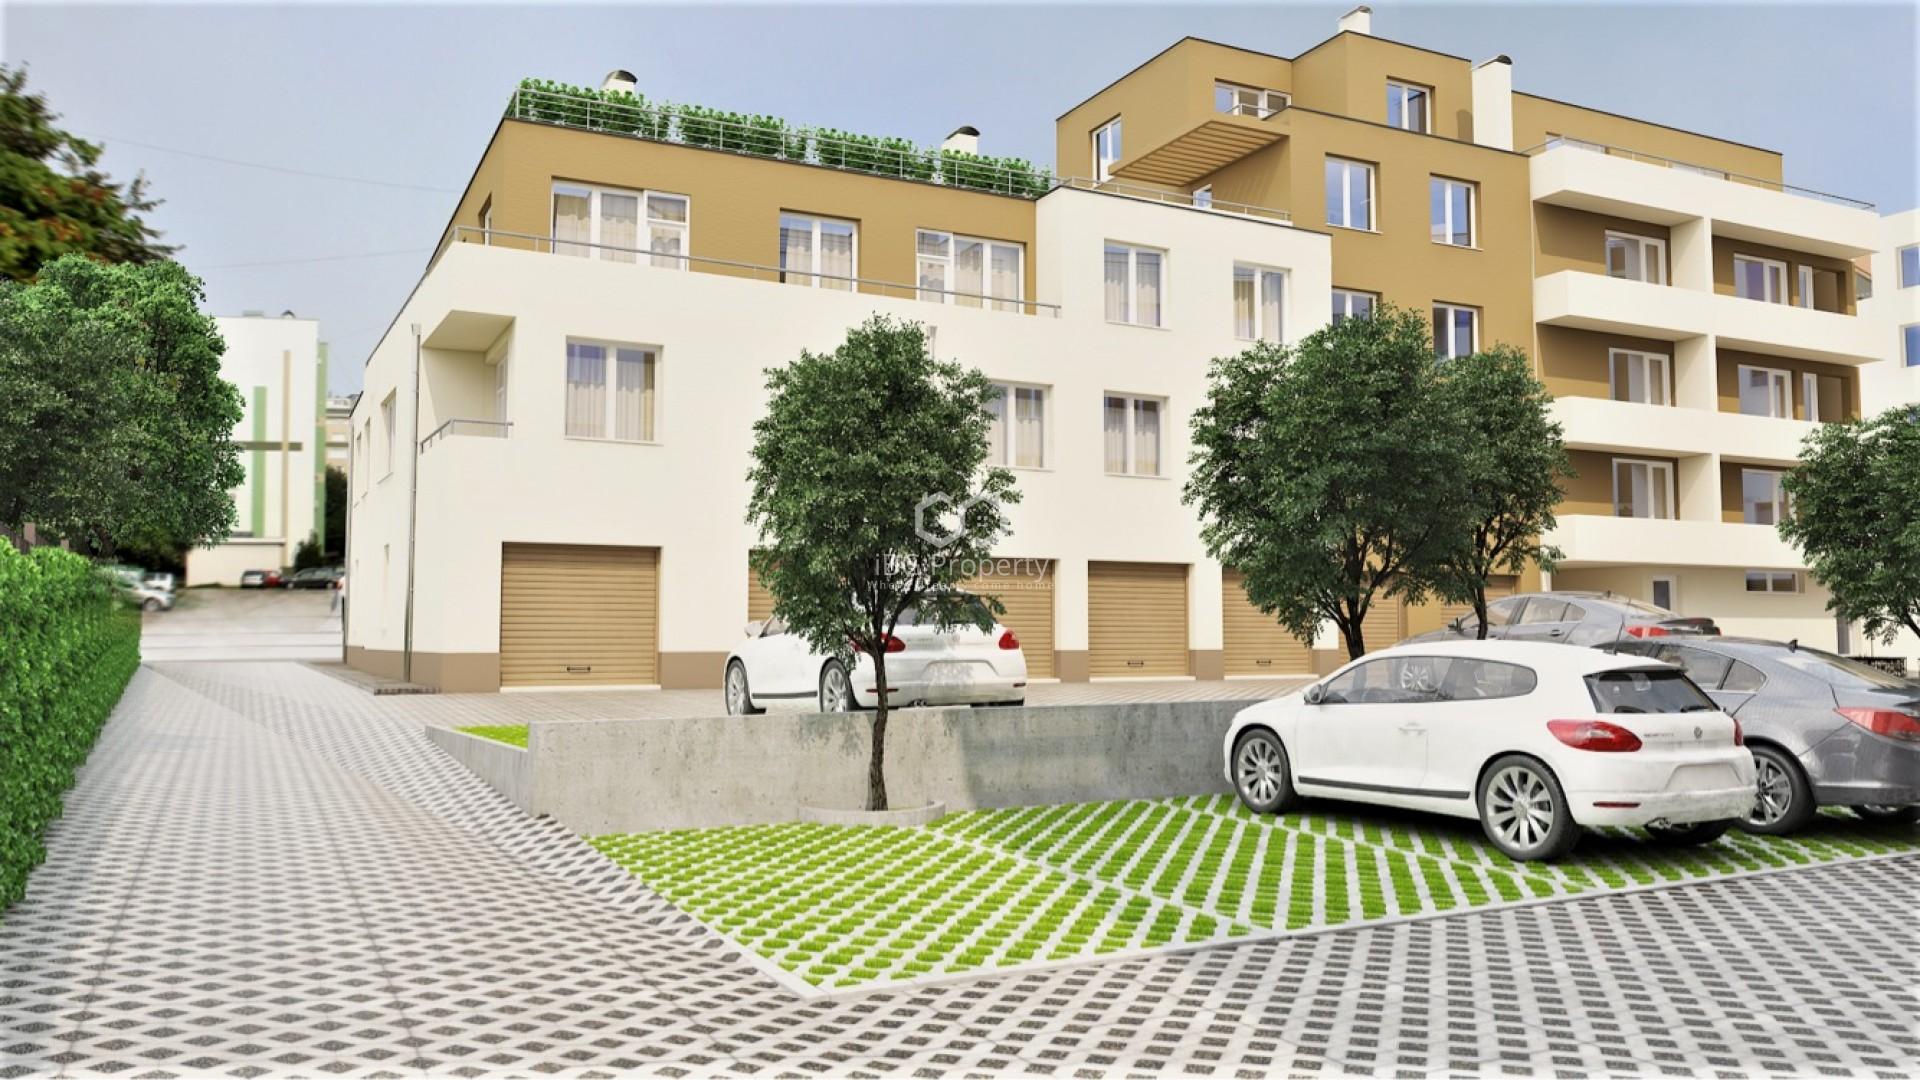 Zweischlafzimmer in Burgas 79,93 m2